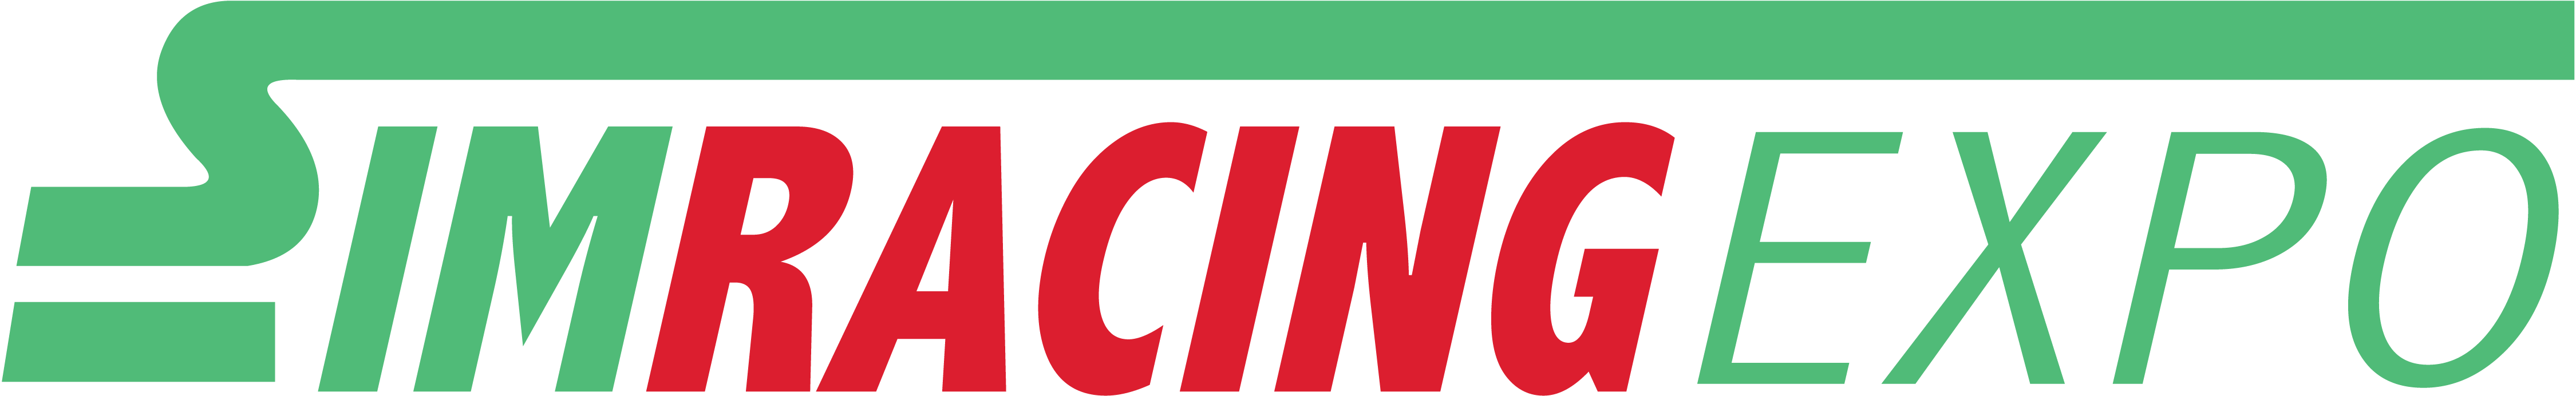 sim racing expo